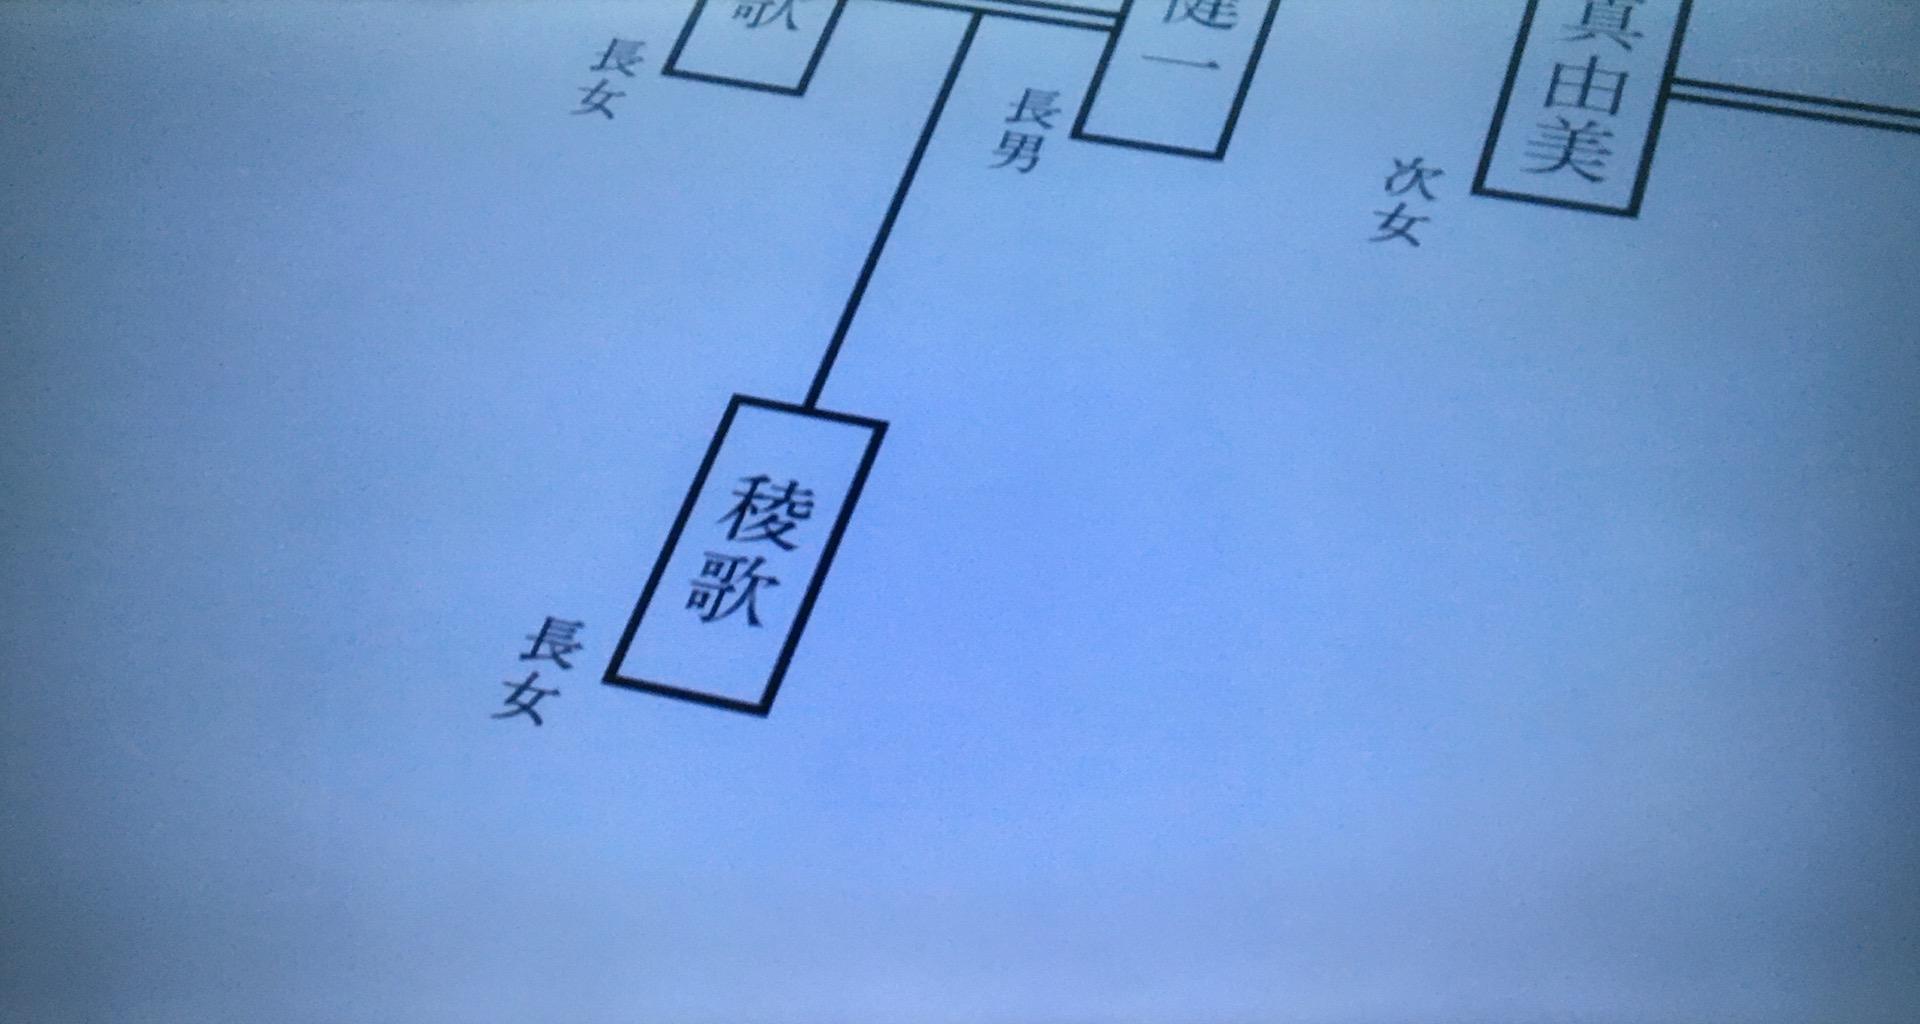 f:id:t_aki:20200419002156j:plain